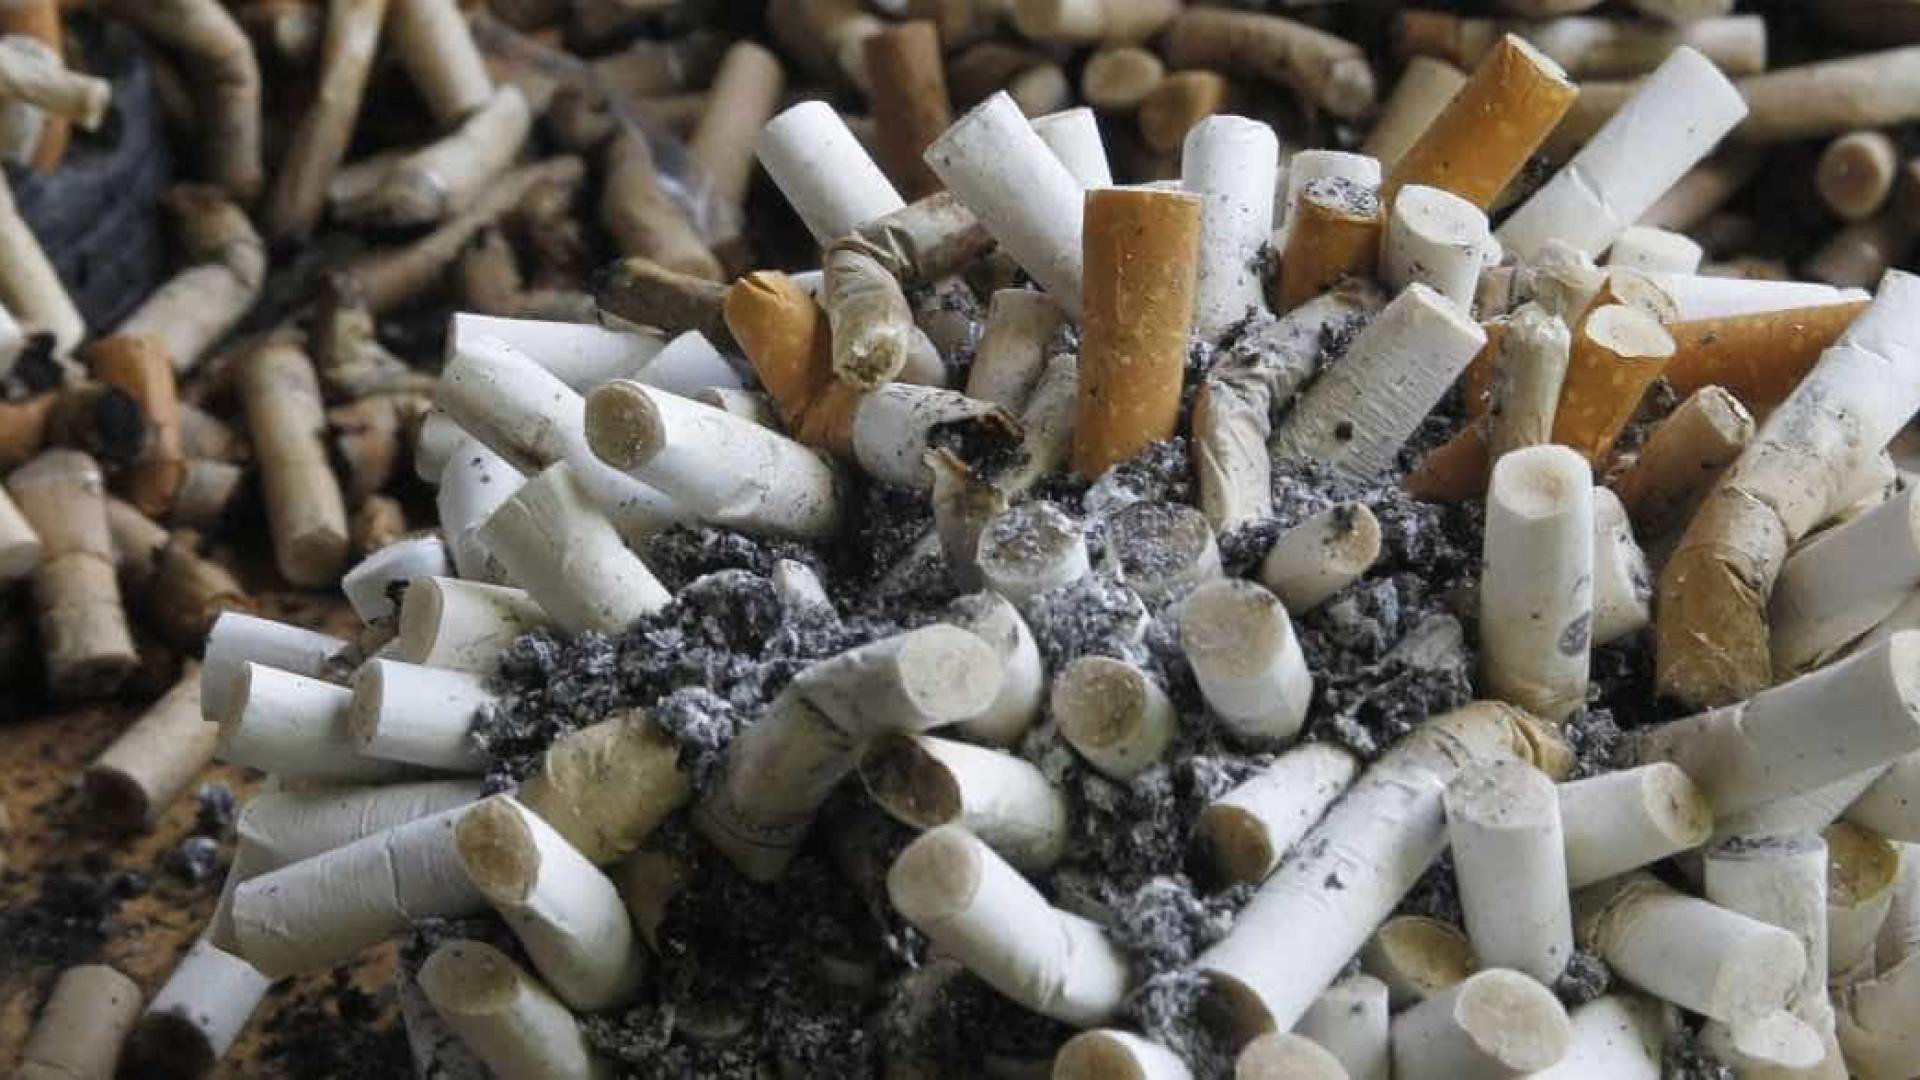 Bitucas de cigarro somam maior lixo de praias brasileiras, diz estudo